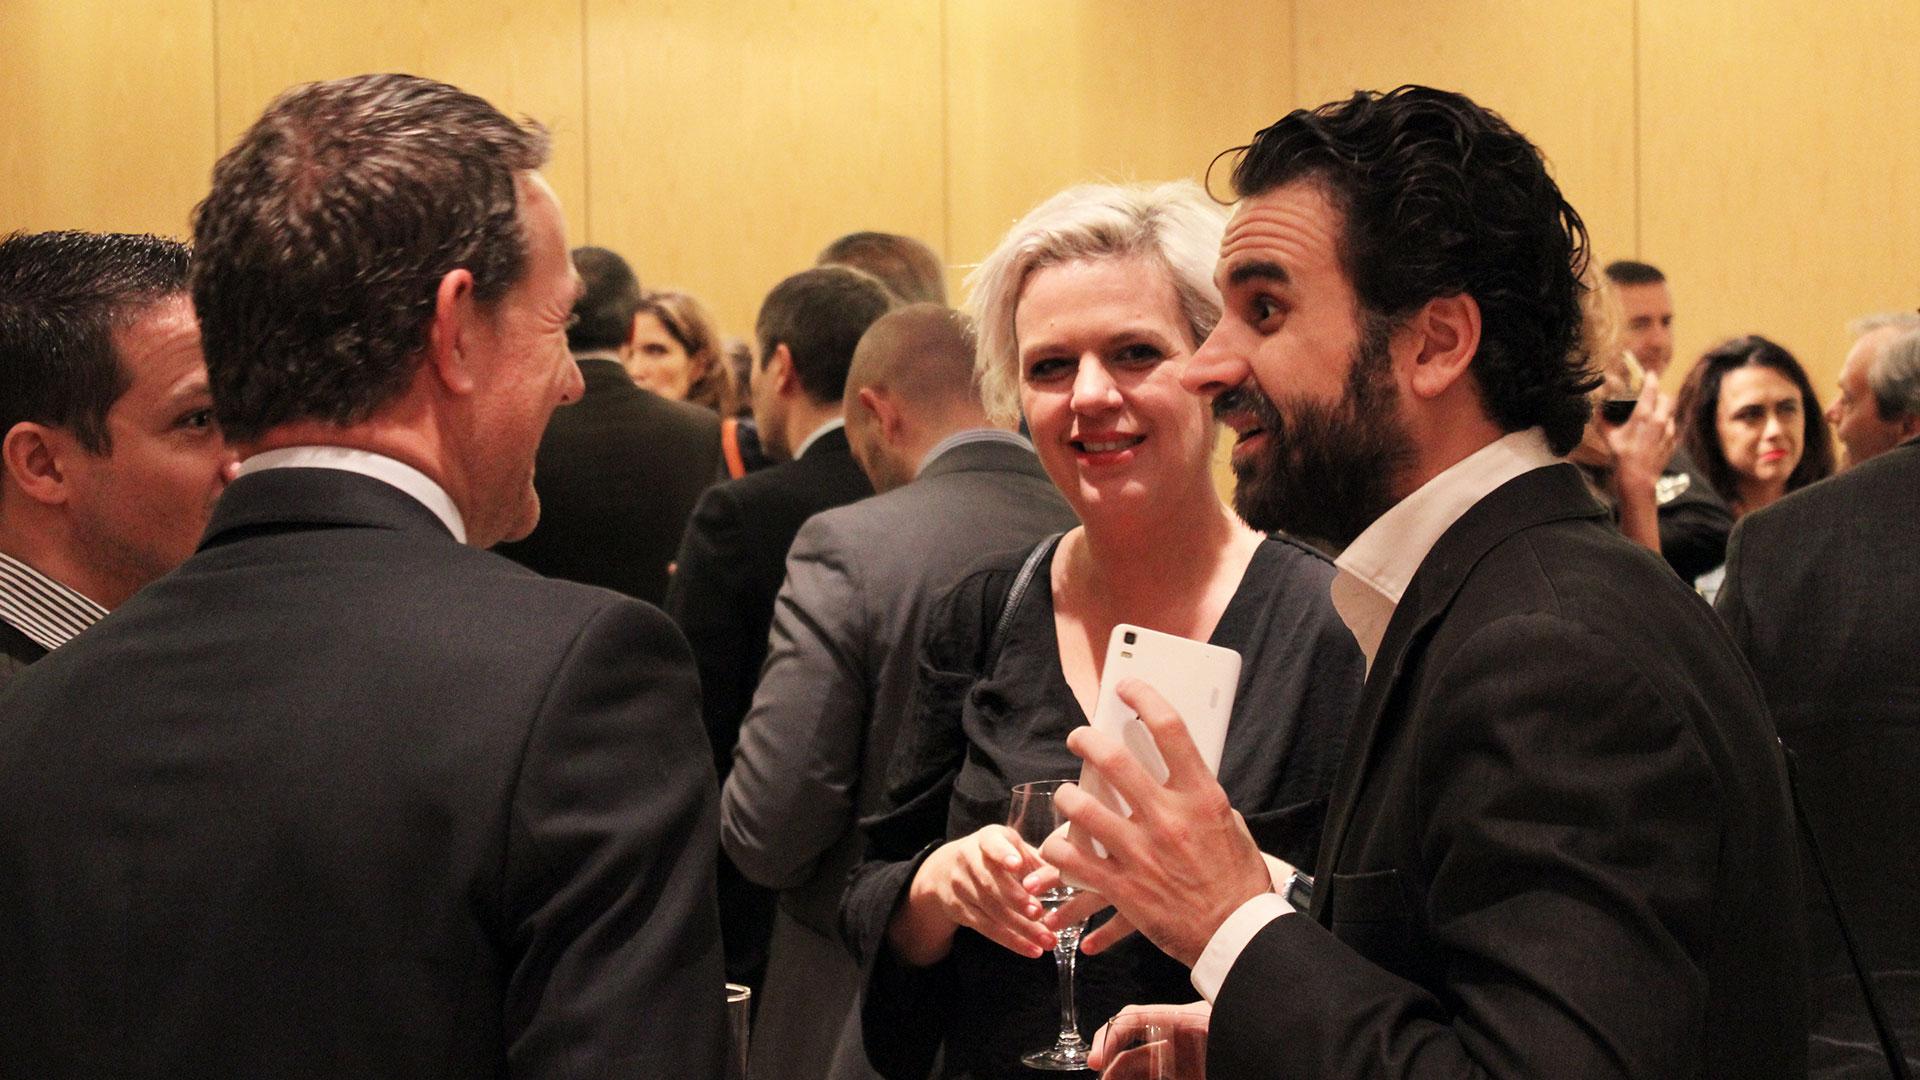 premios-mc2015-evento-comida-hotel-hesperia-asistentes-04